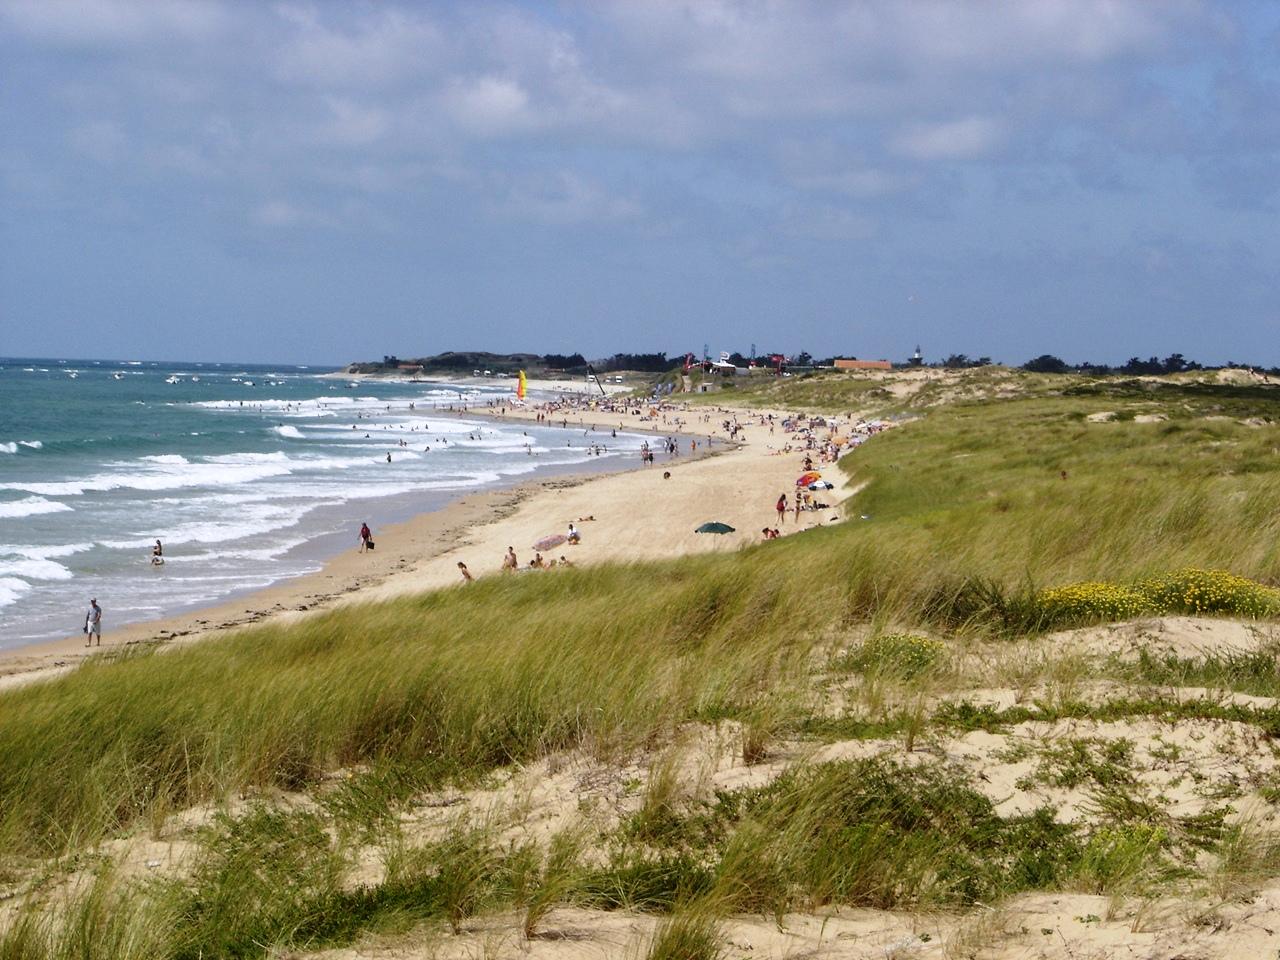 Les plages d 39 ol ron 100km de c tes d couvrir pour les - Office du tourisme st pierre d oleron ...